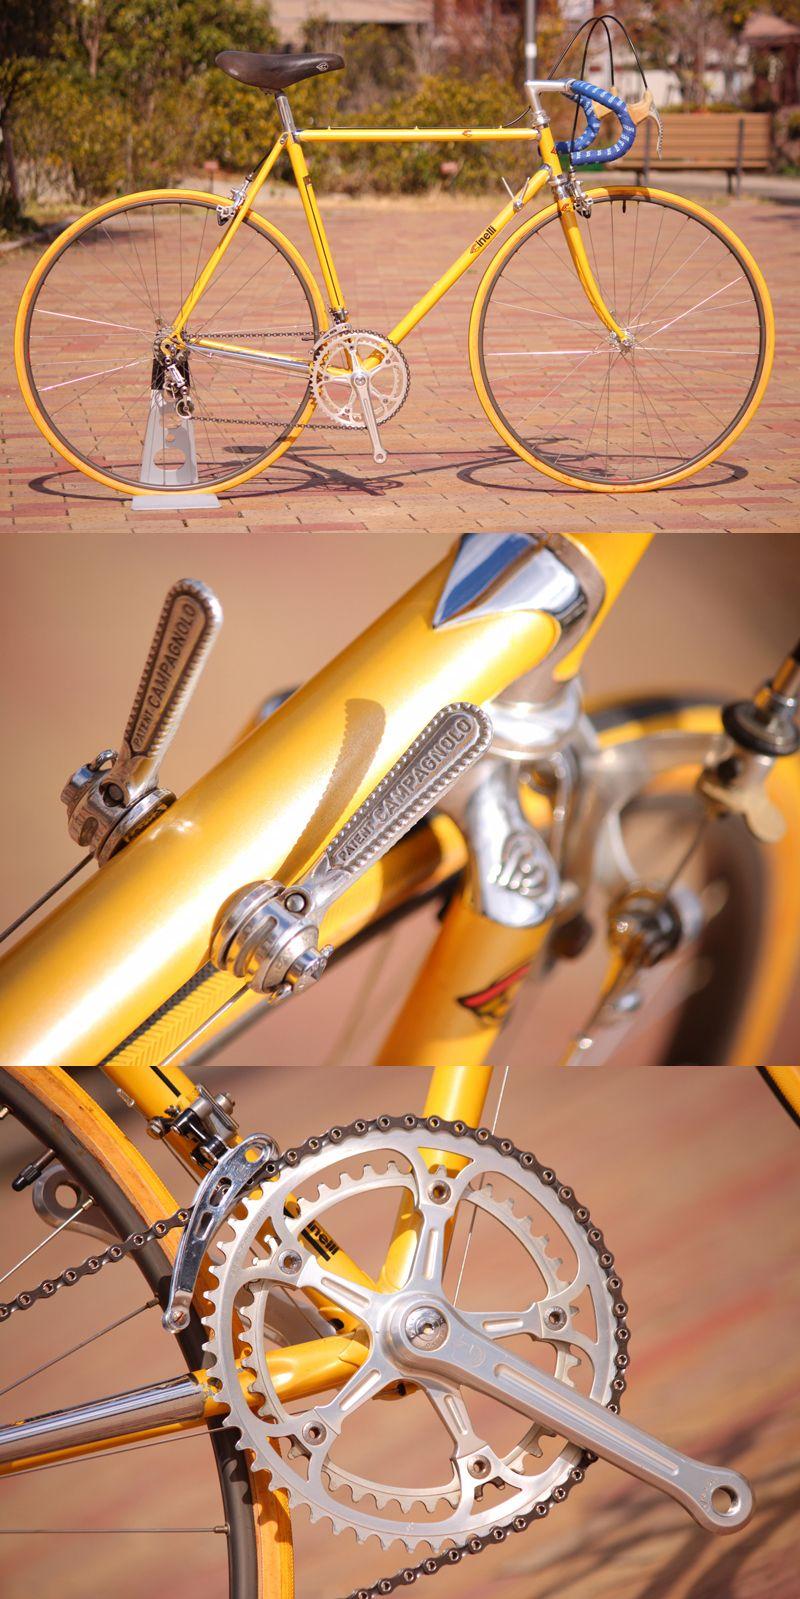 Super Corsa Vintage Yellow Bicycle Vintage Bicycles Road Bike Vintage